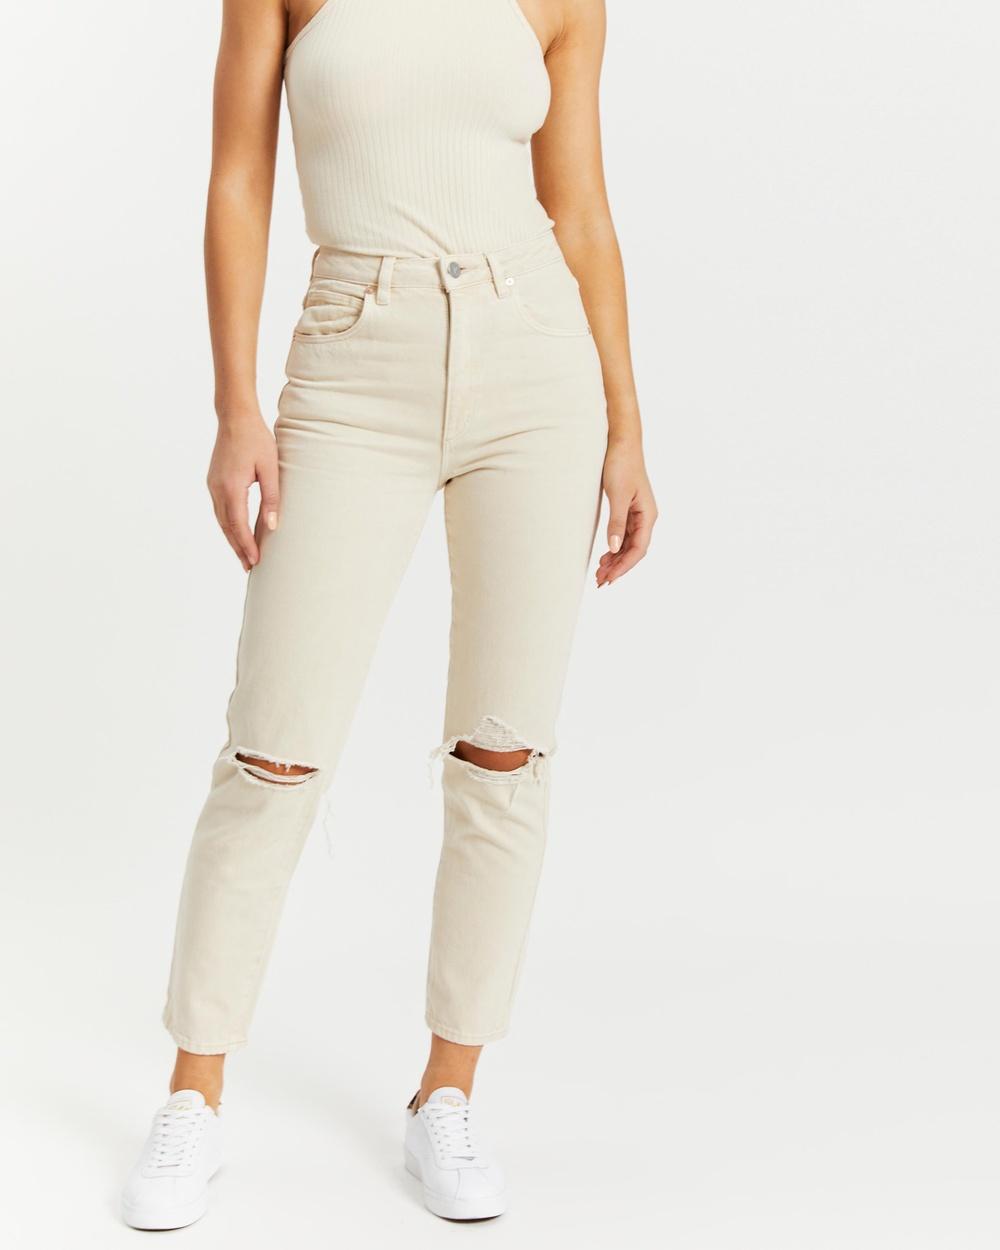 Abrand A '94 High Slim Jeans Ecru Rip